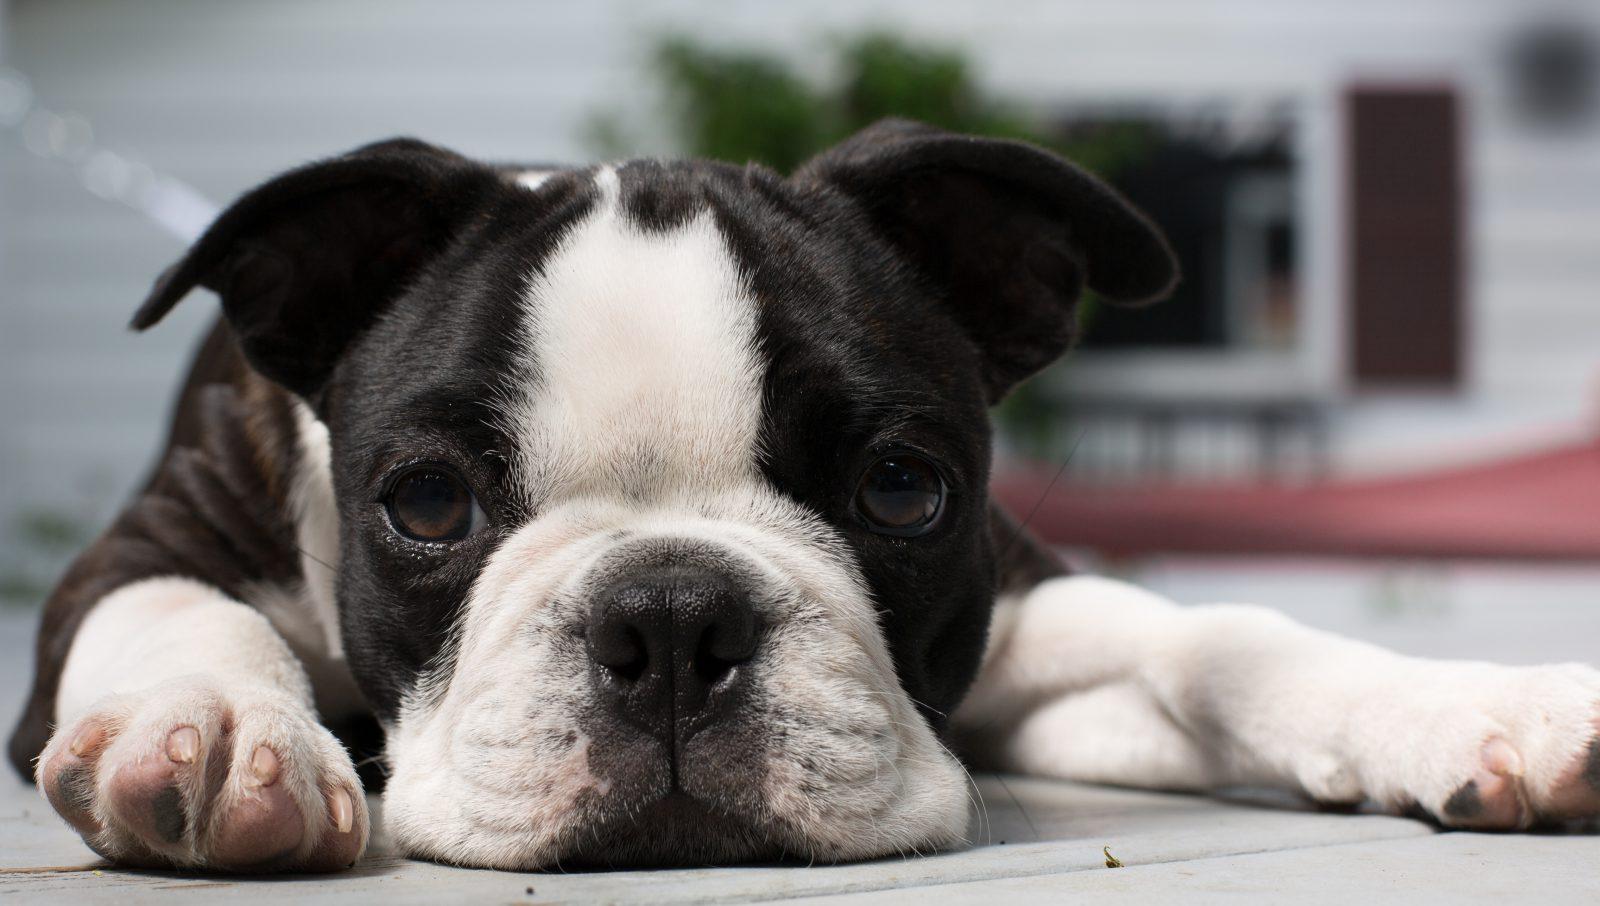 Cachorros de pequeno porte:  Boston Terrier deitado descansando em raro momento de tranquilidade.